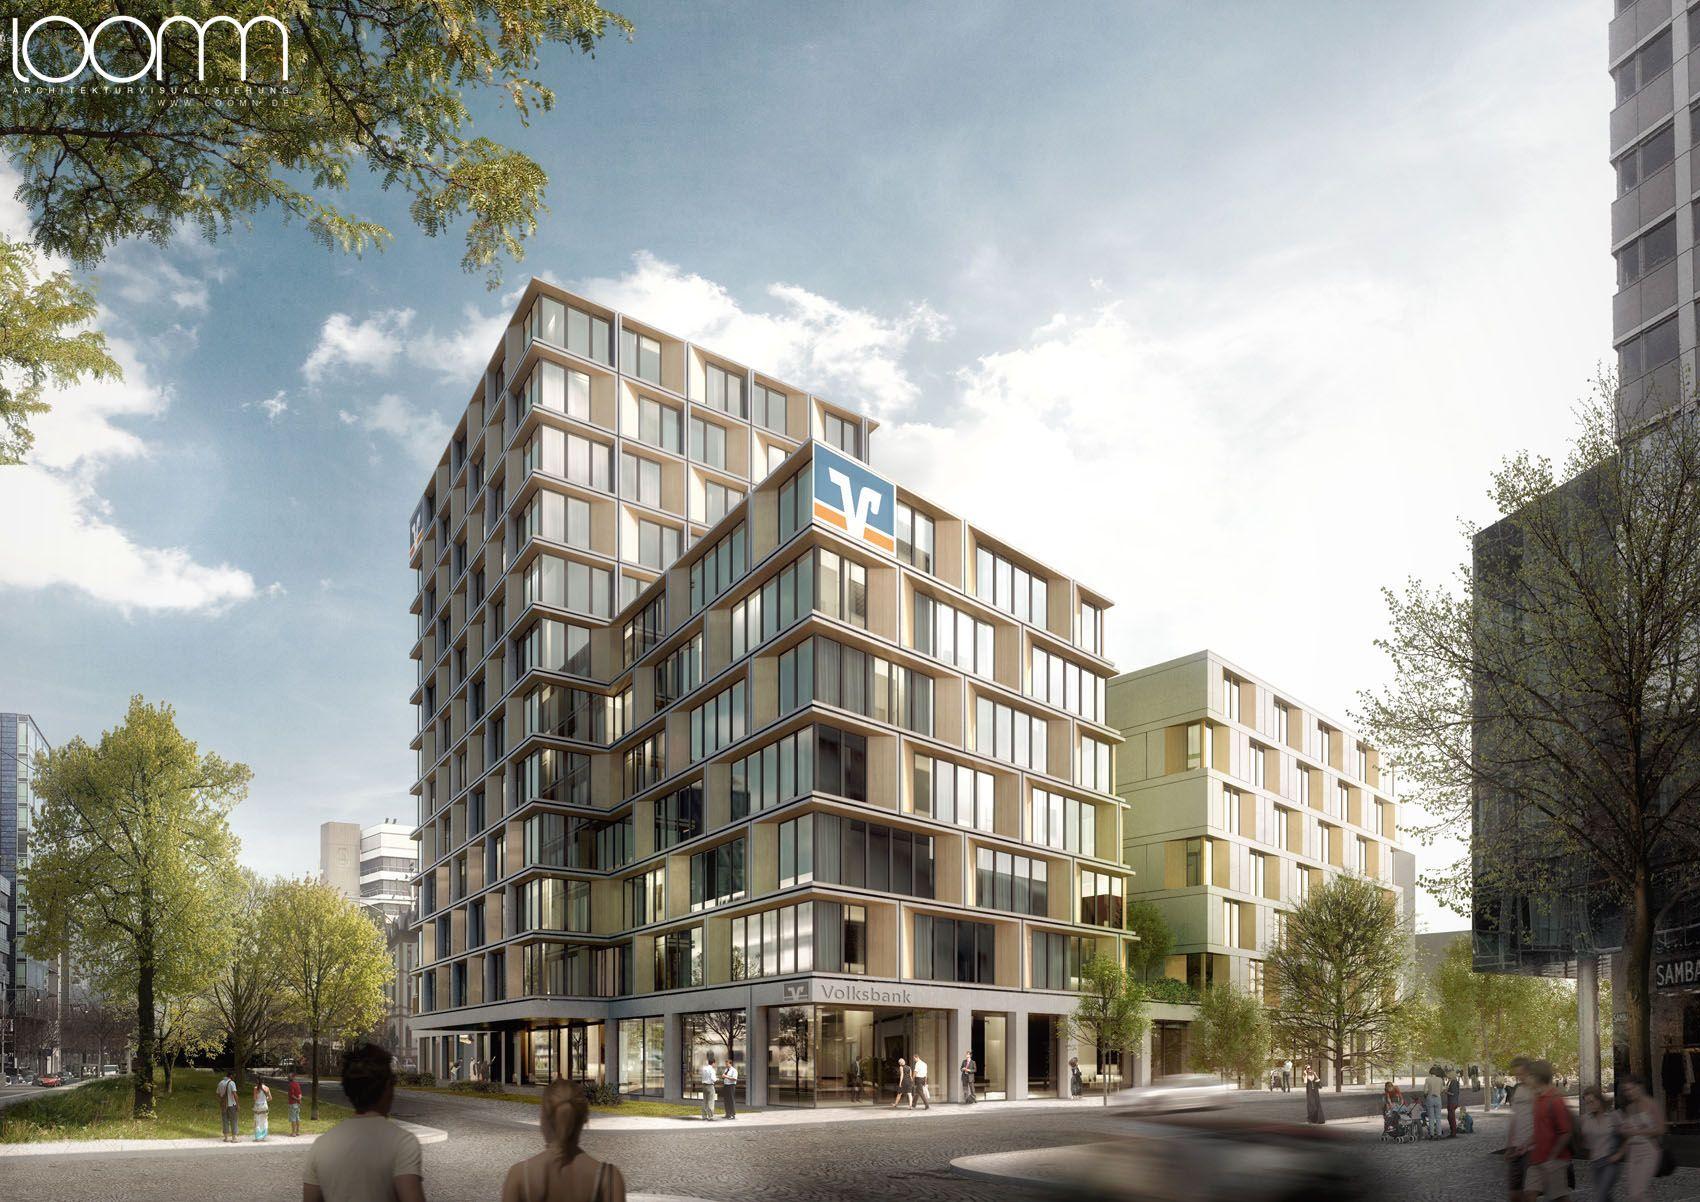 Architektur Freiburg architektur illustration in 3d für kresings architekten für einen